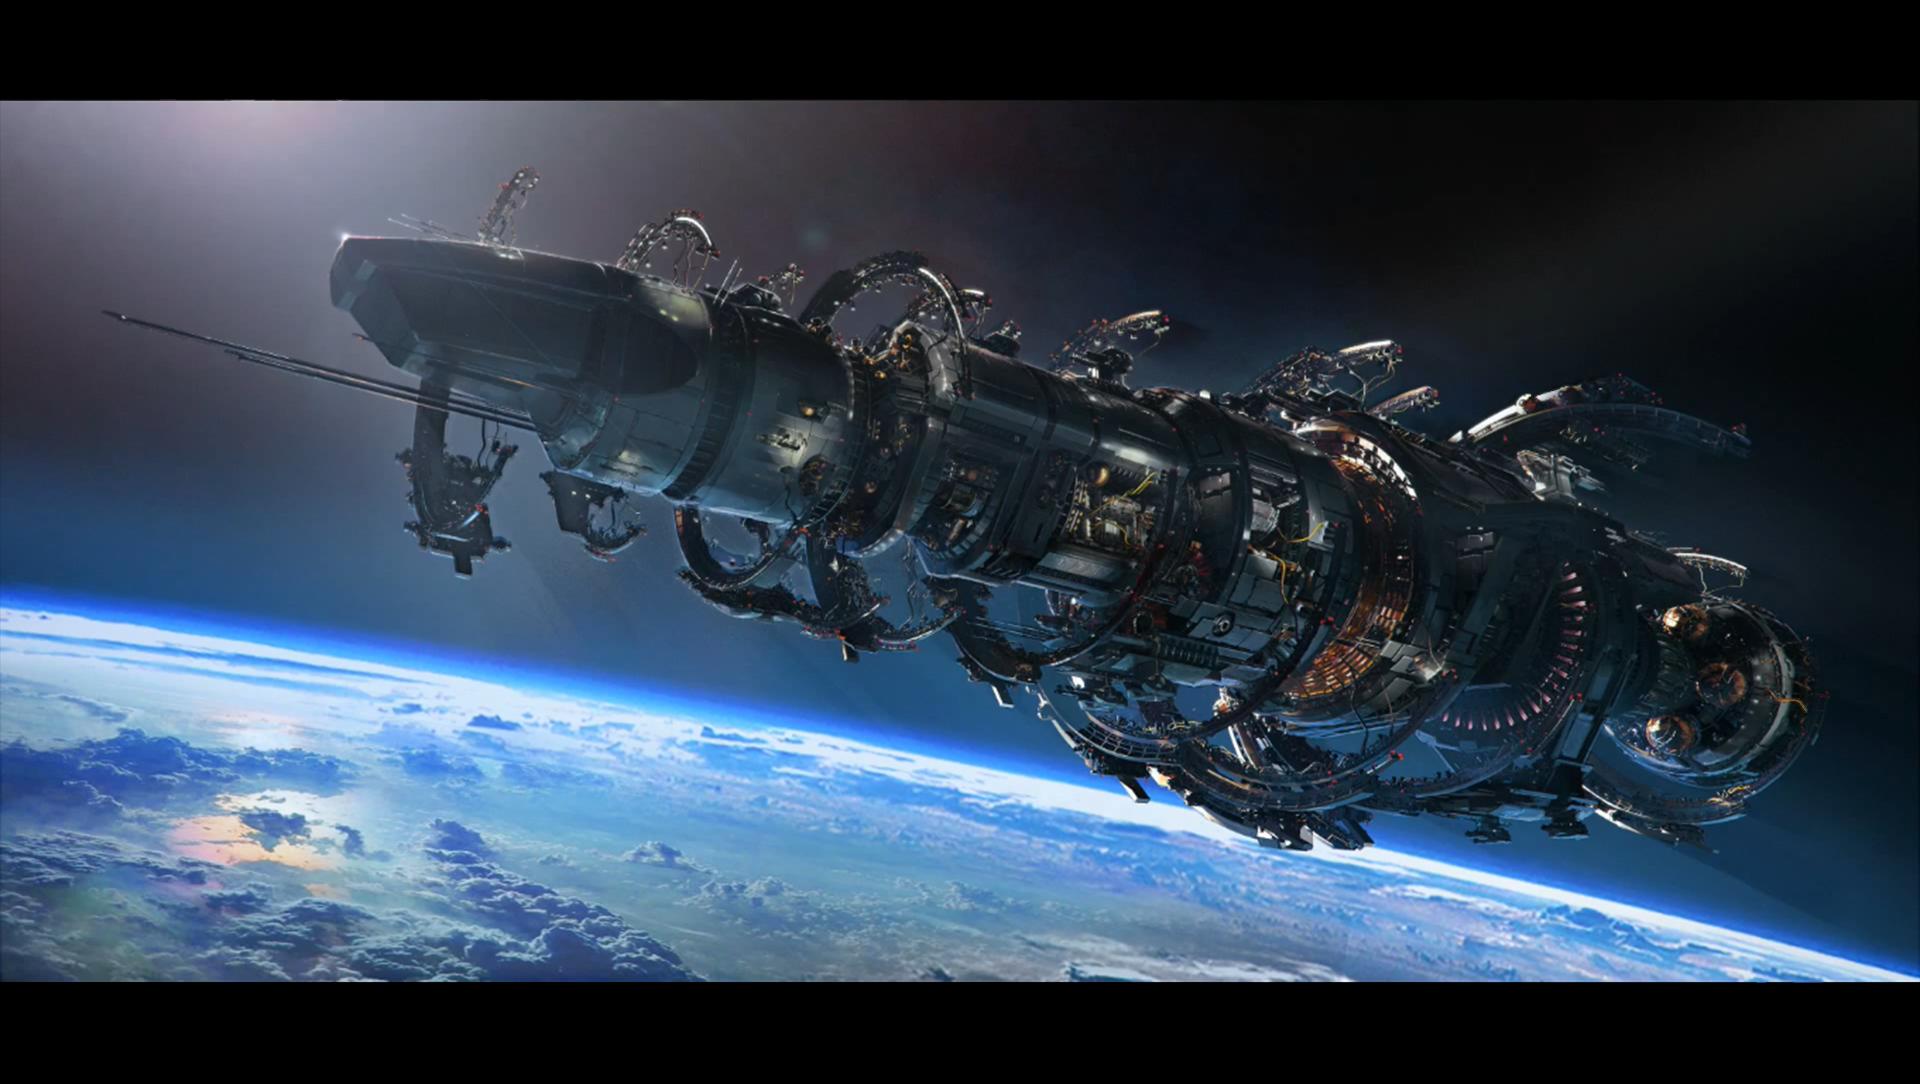 Sci fi Wallpaper Addendum 5